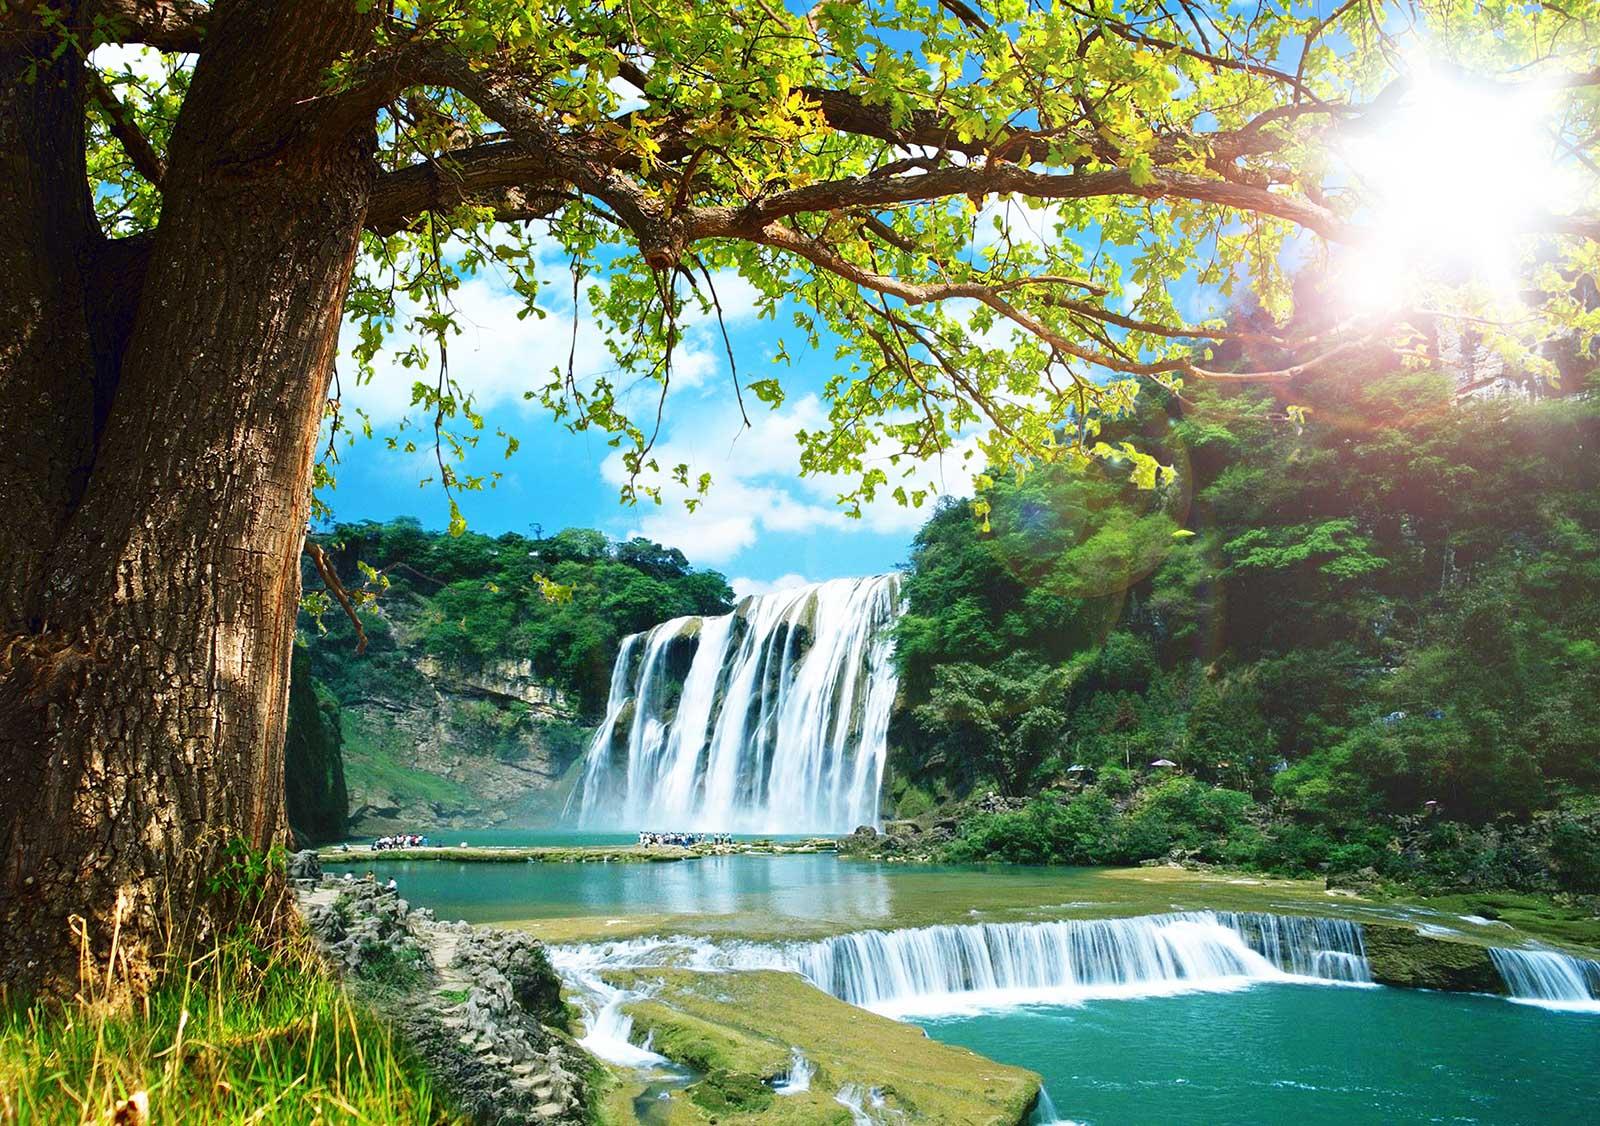 Tranh phong cảnh cây cổ thụ thác nước